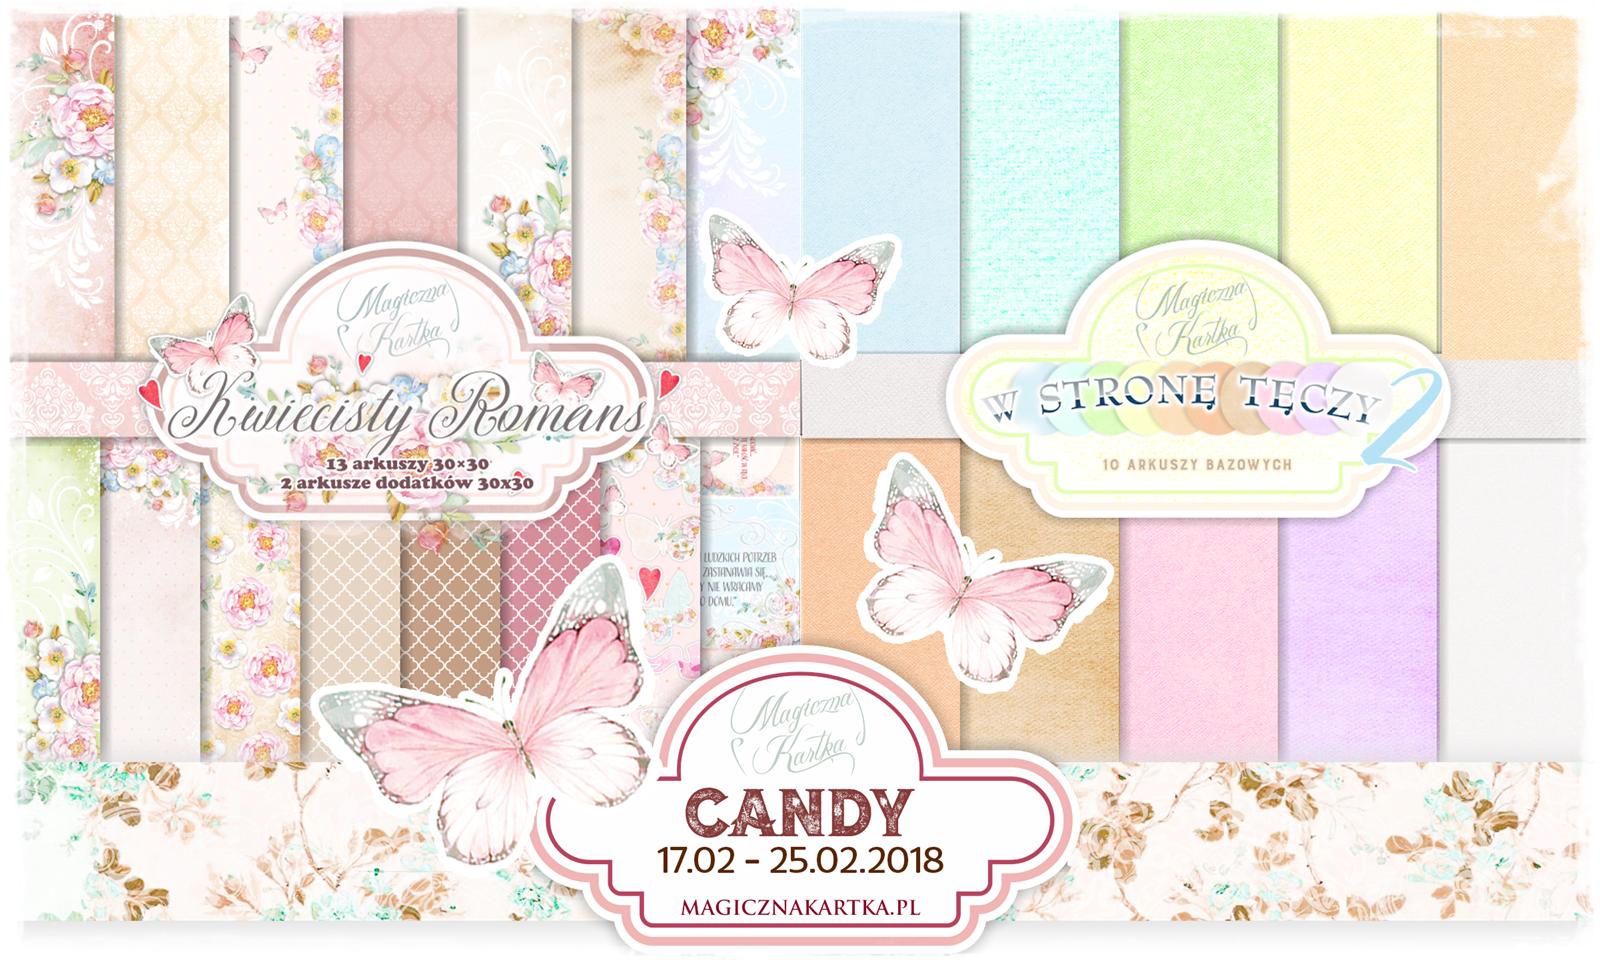 Candy Magicznej Kartki